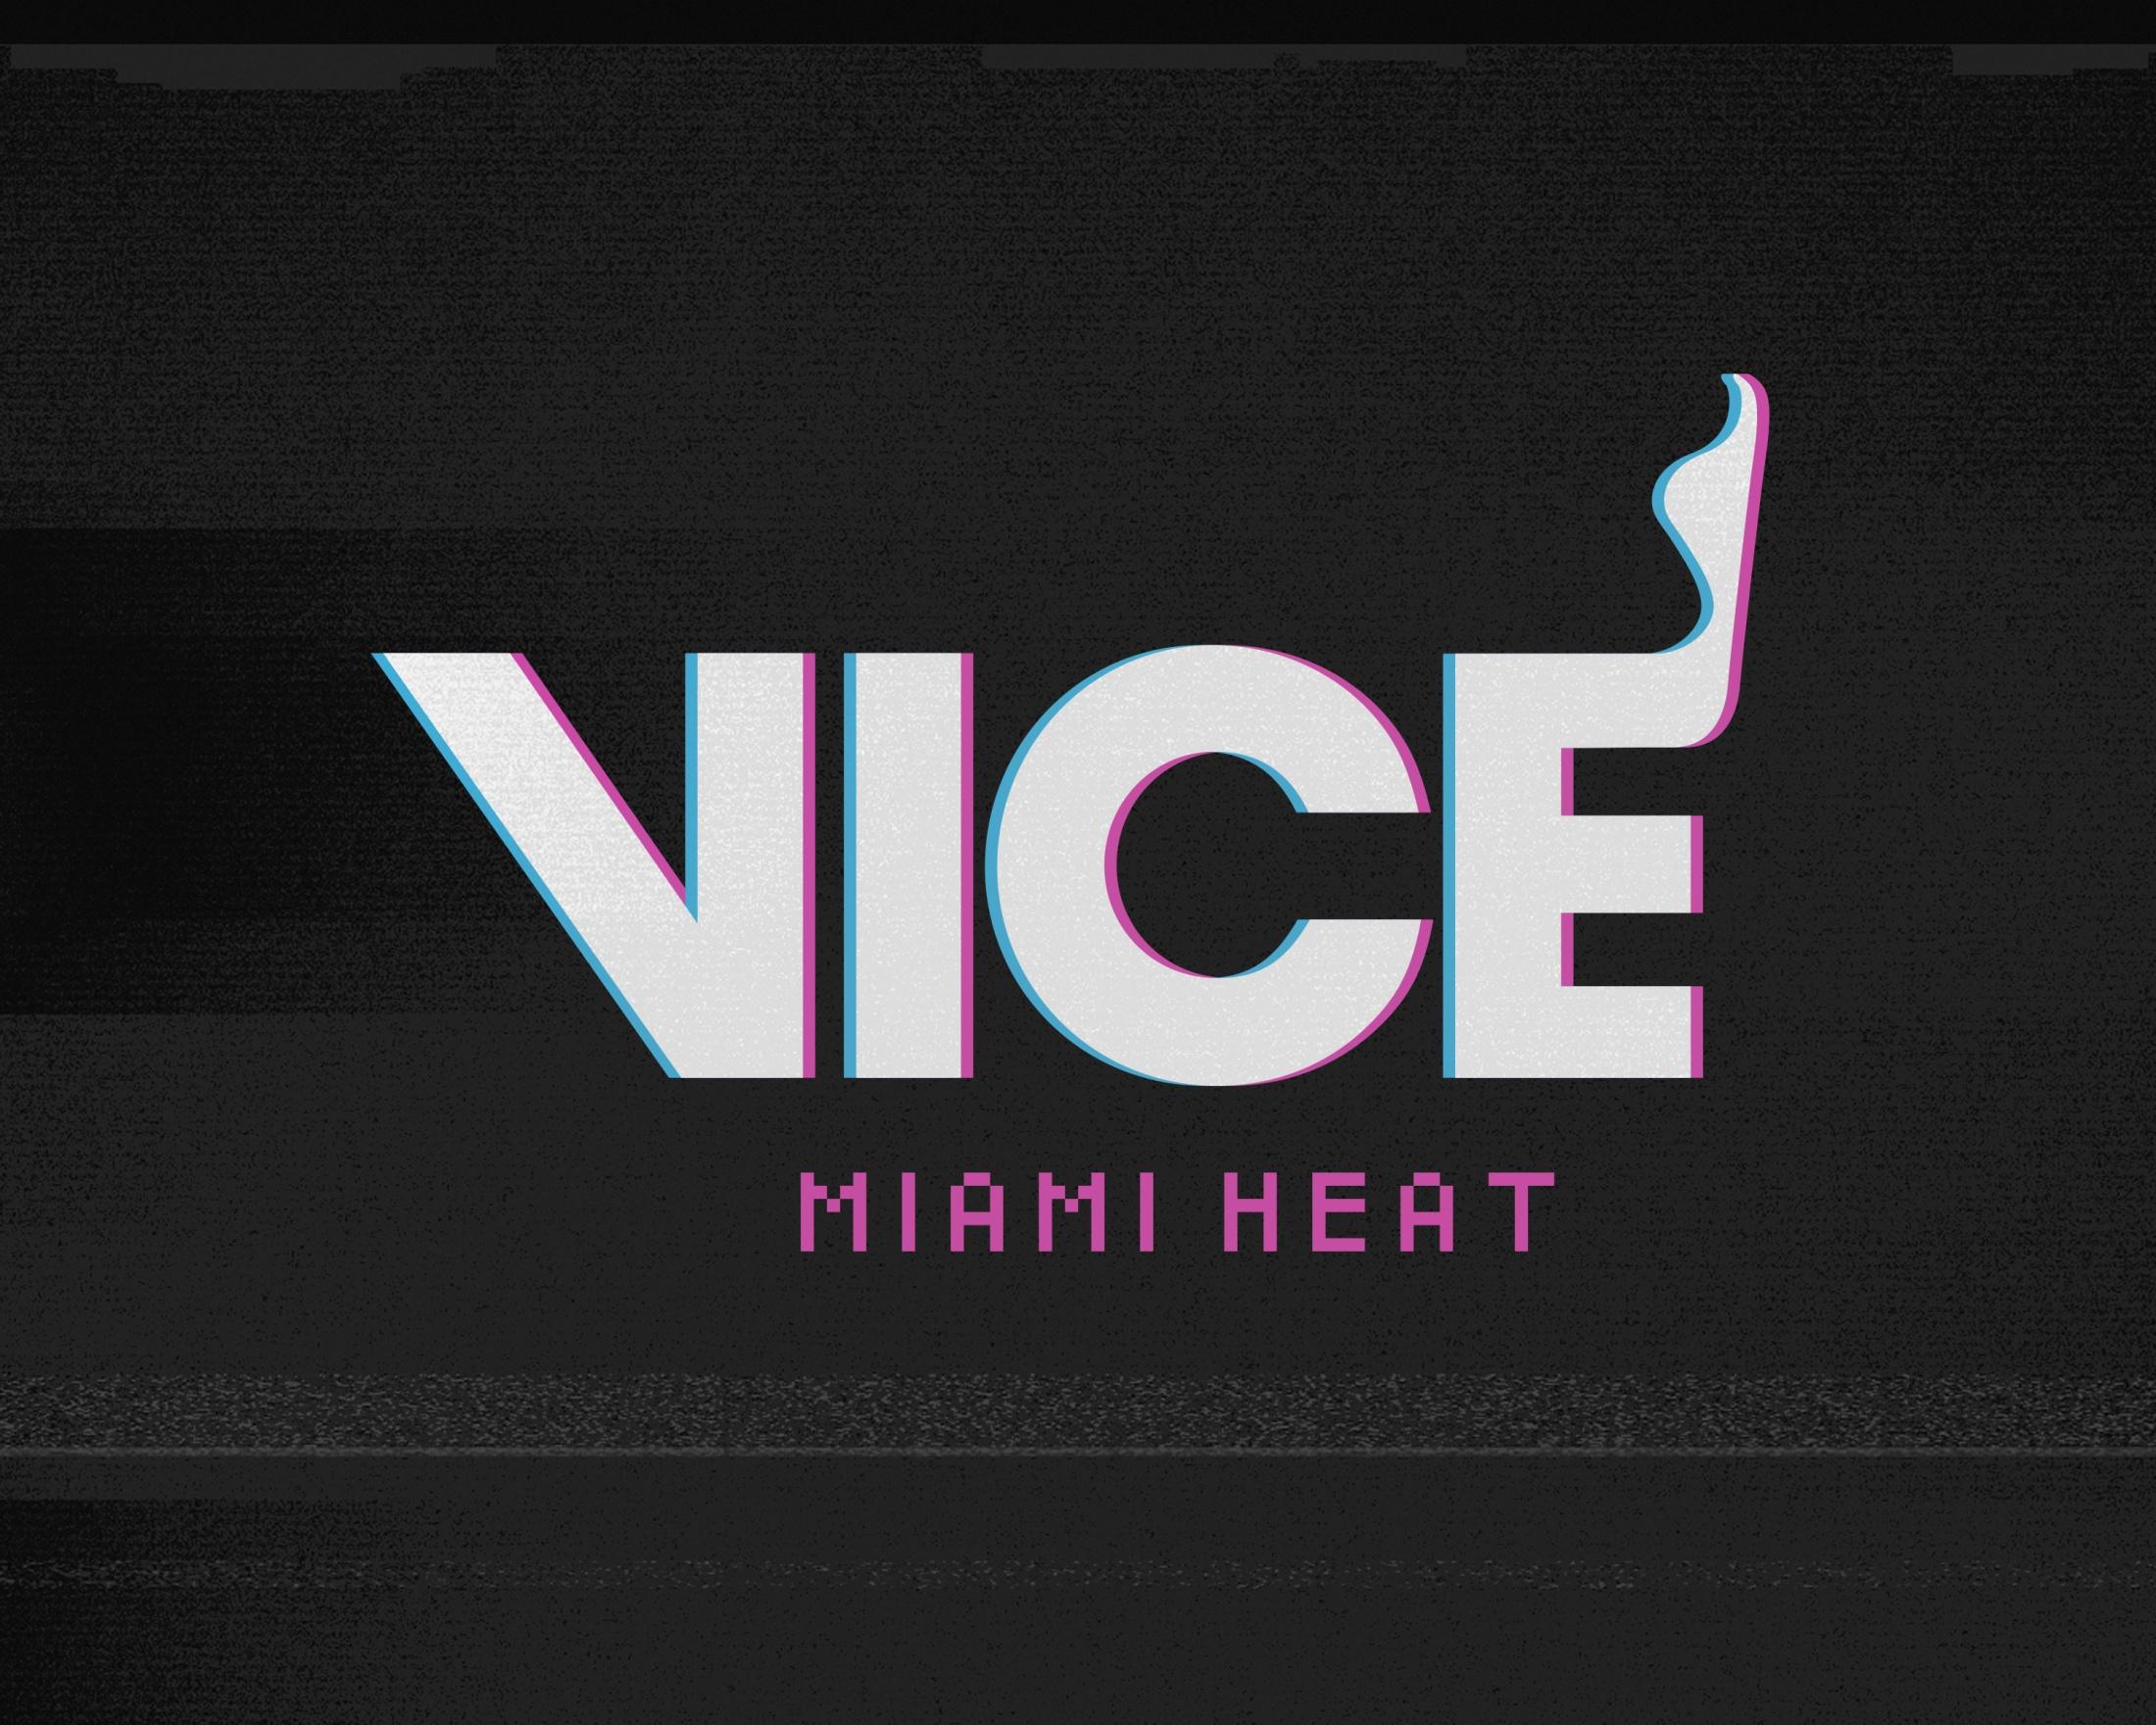 e1e849bfa935 Image Media for Miami HEAT Vice Campaign